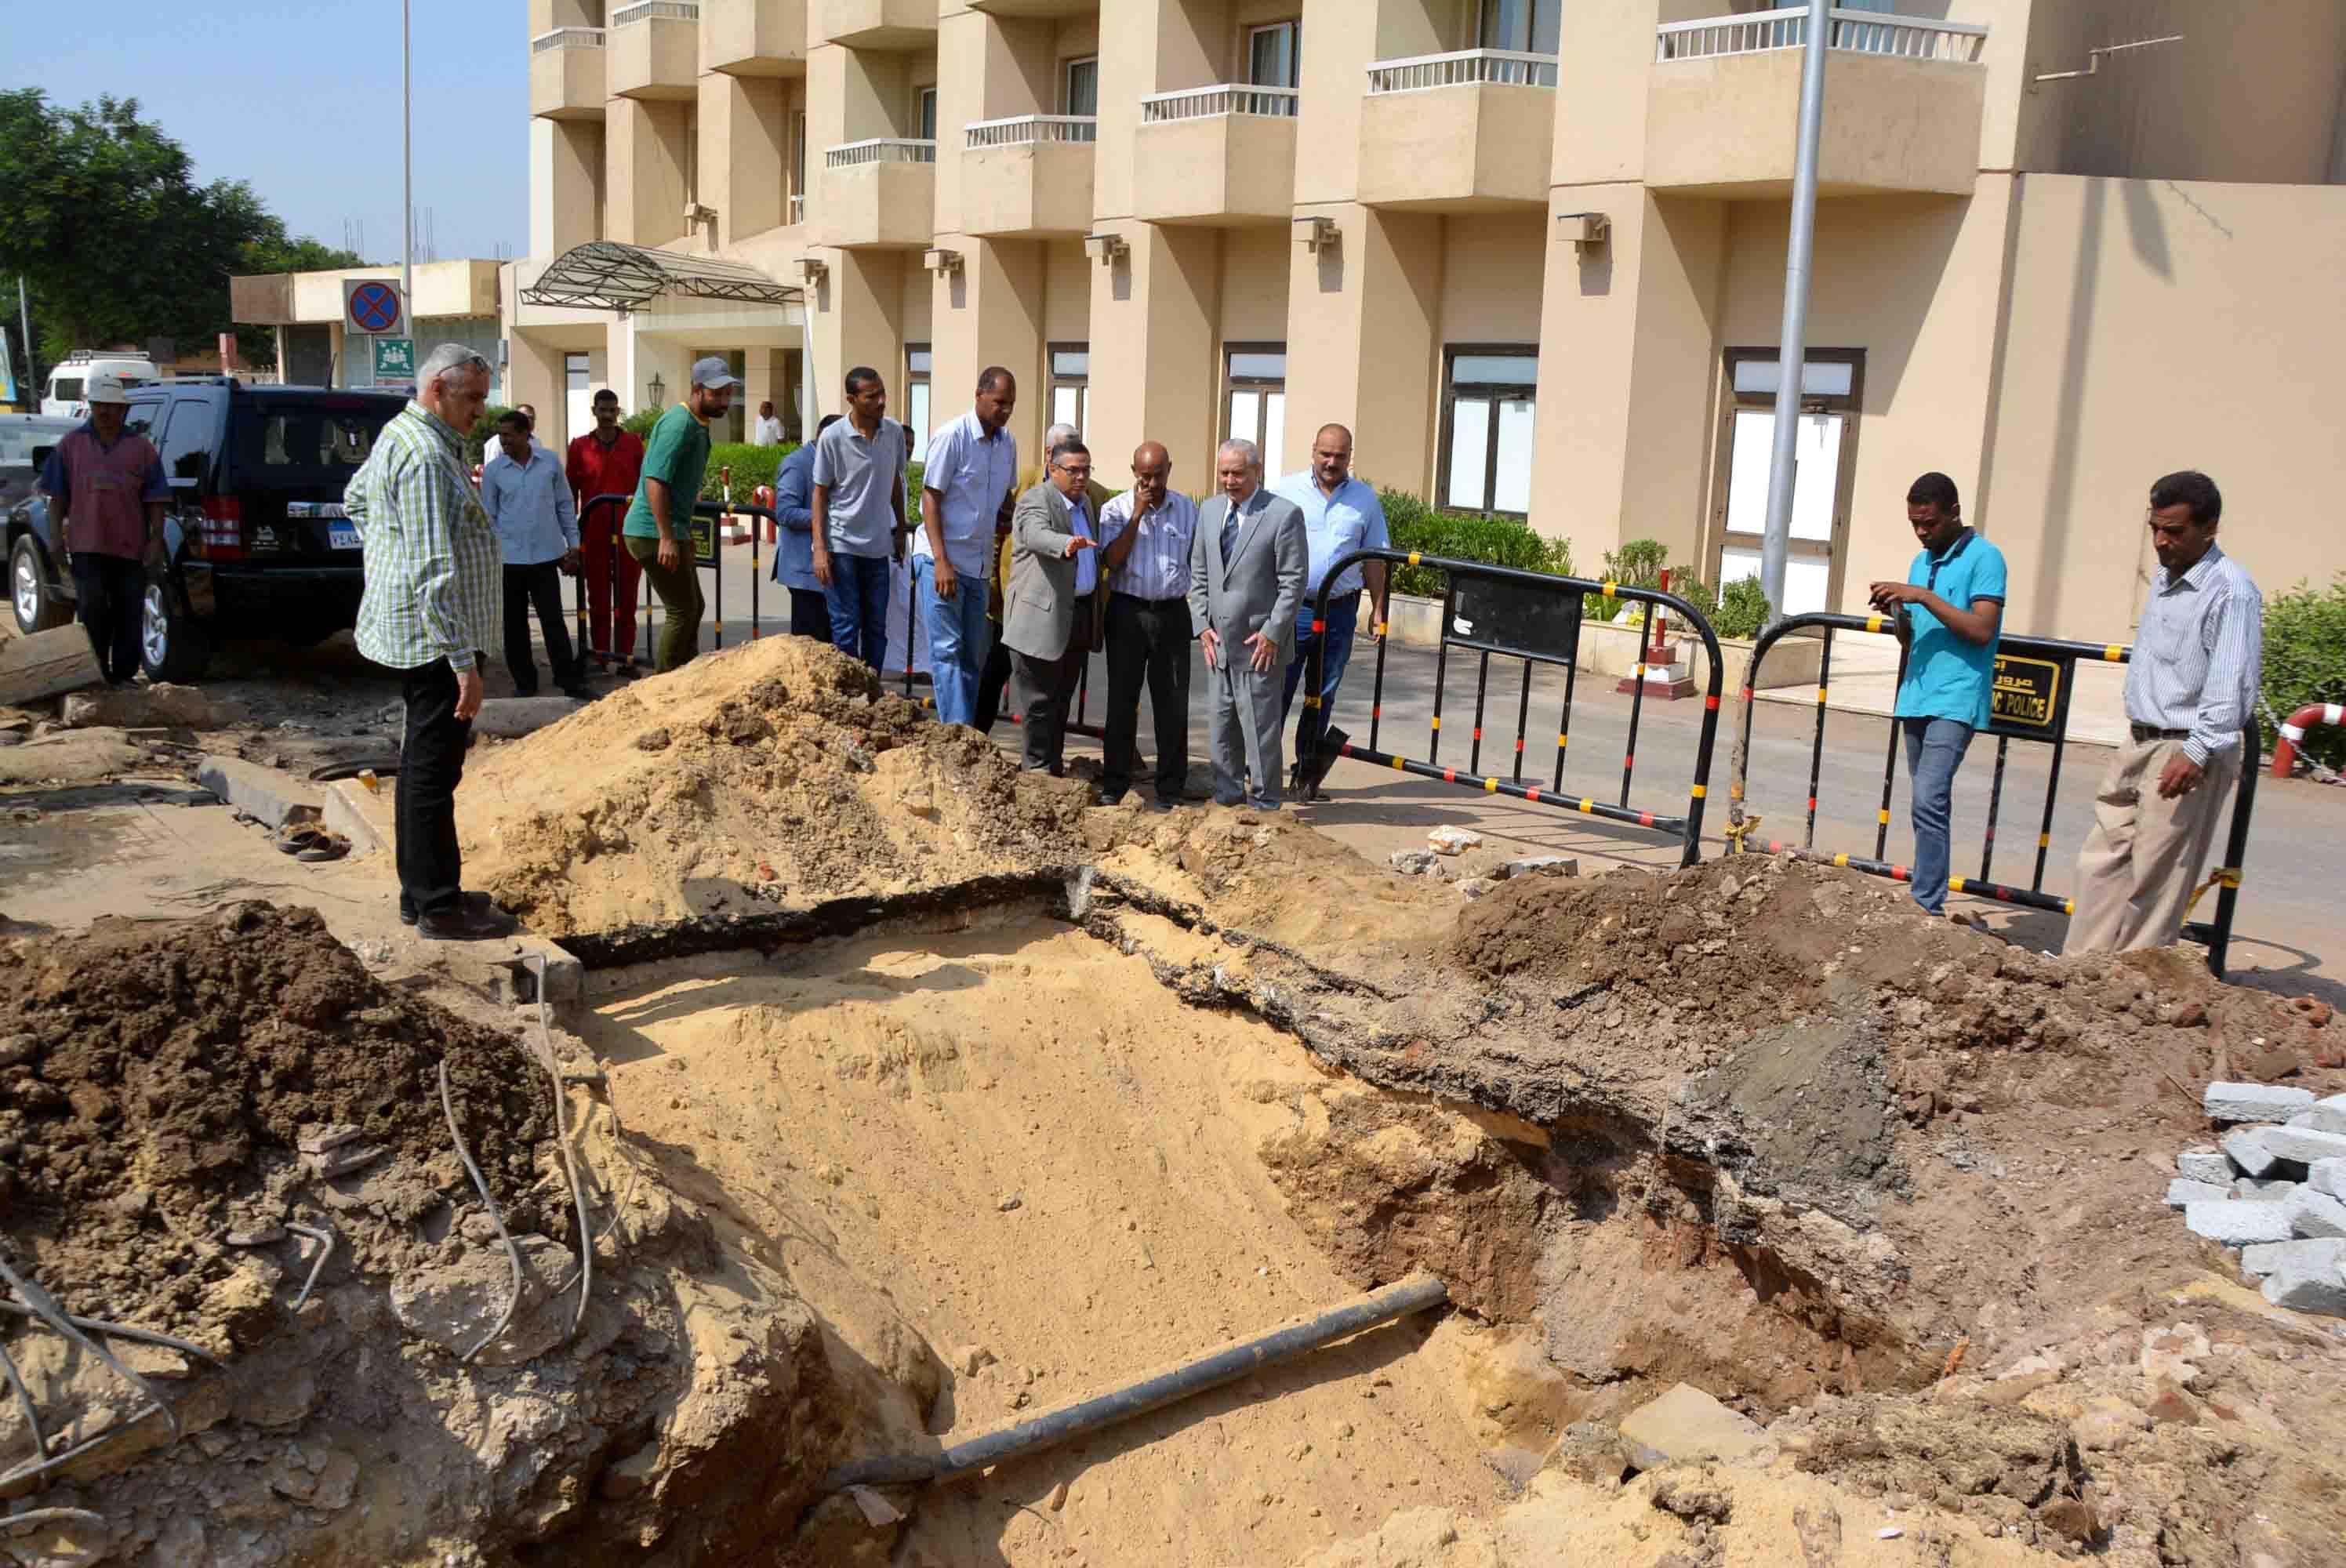 المحافظ يتابع ضم خطوط المياة لخدمة الفنادق بشارع خالد بن الوليد